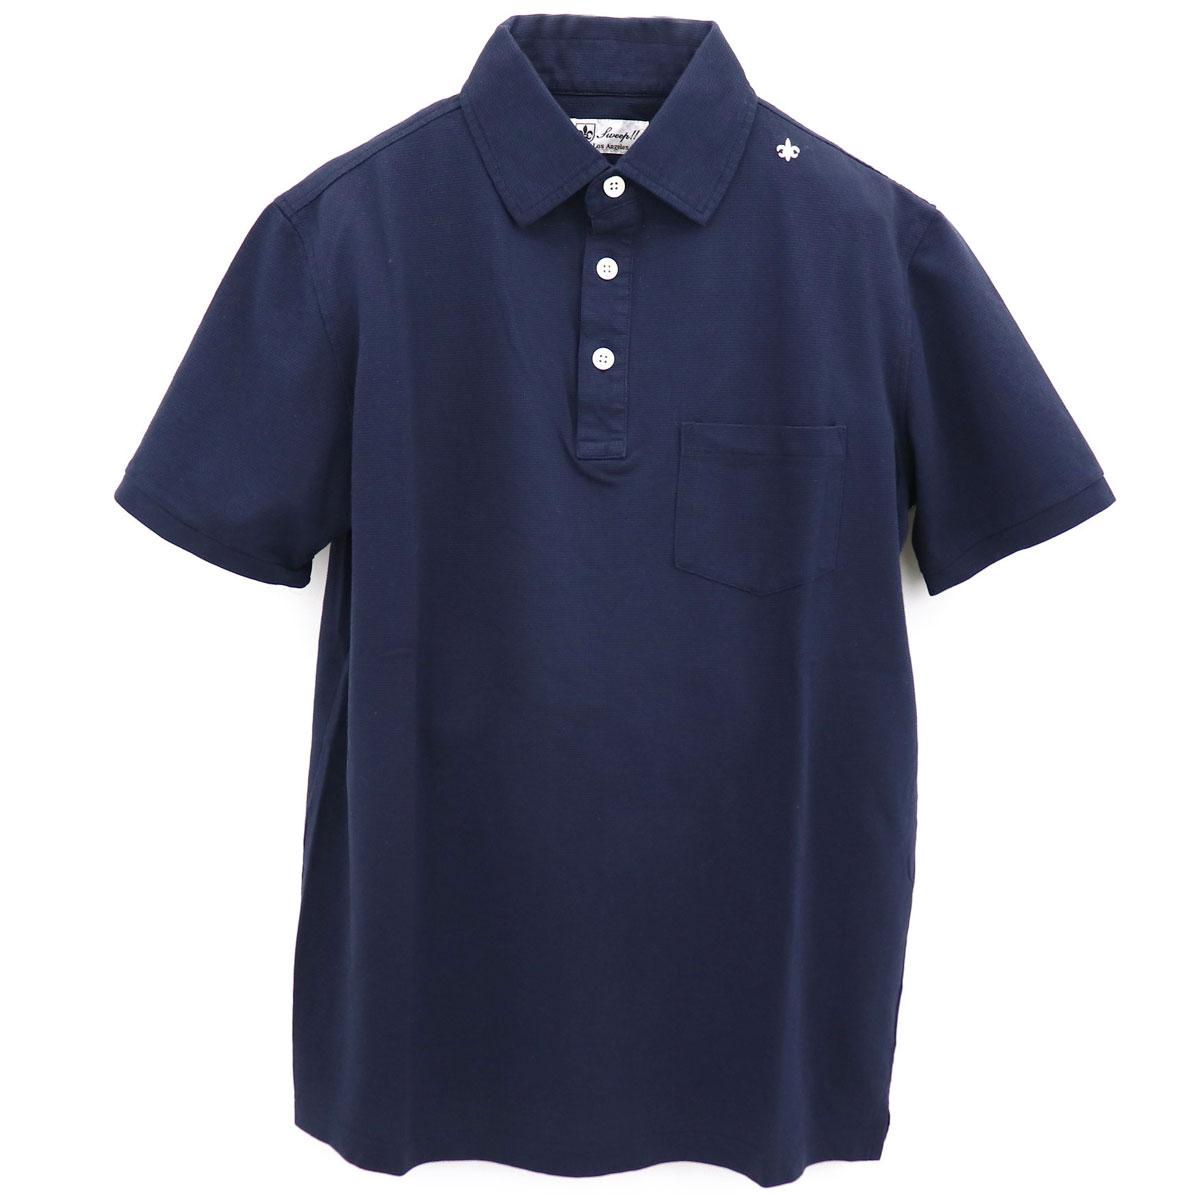 サーフニット レギュラーカラー ポロシャツ(NAVY)